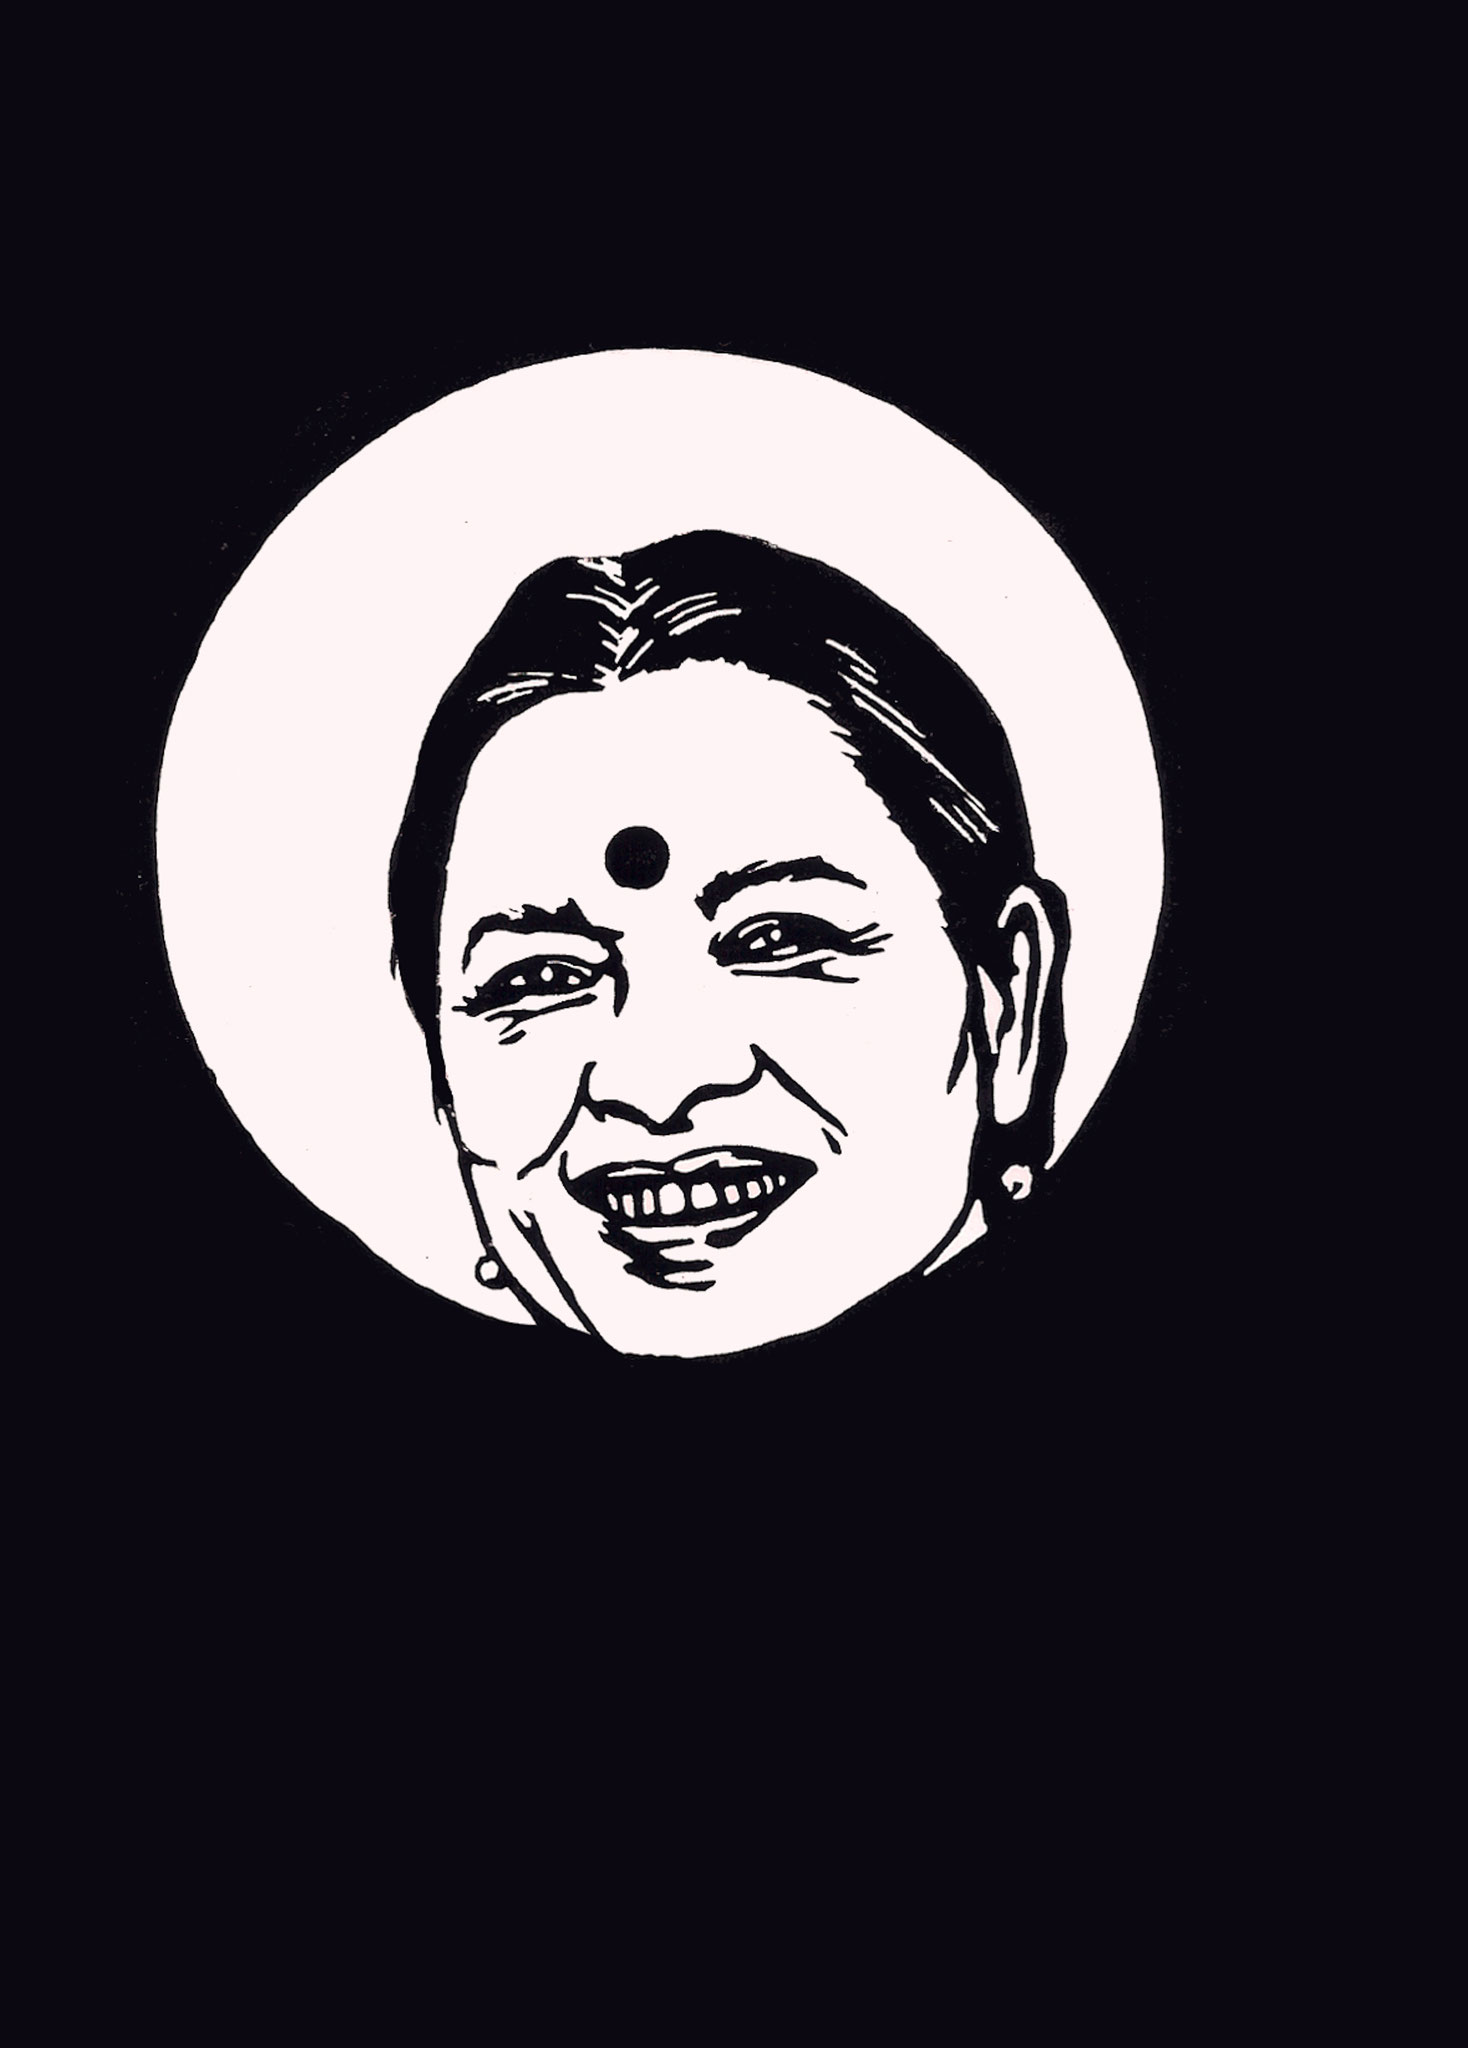 Ranjana Kumari, 30/11/2017, Edition 5, A5